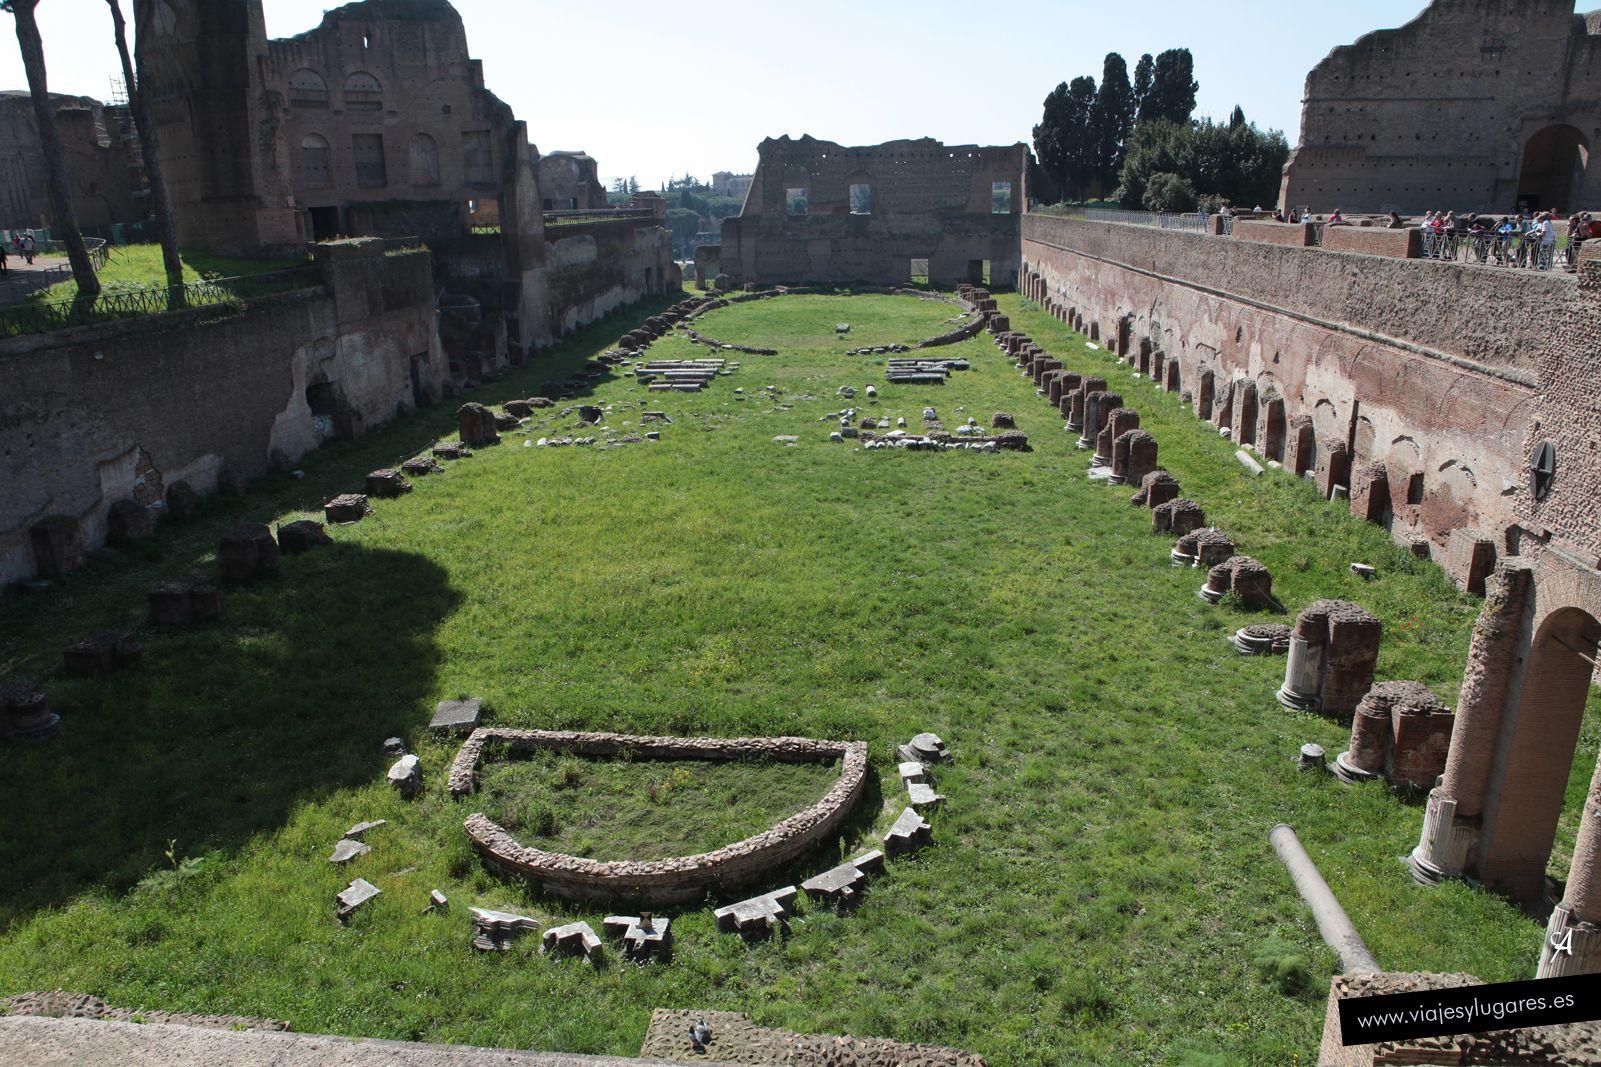 Ubicado en la parte privada de la Domus Augustana, el Estadio Palatino es un gran jardín en forma circo, de 160x50 m., rodeado por una columnata, aunque es demasiado pequeño para carreras de carros. Puede haber sido como un estadio griego, un local para carreras pedestres. Su propósito exacto es objeto de debate. En la época de los Severos, se usó para acontecimientos deportivos, pero lo más probable es que en origen se construyera símplemente como un jardín.